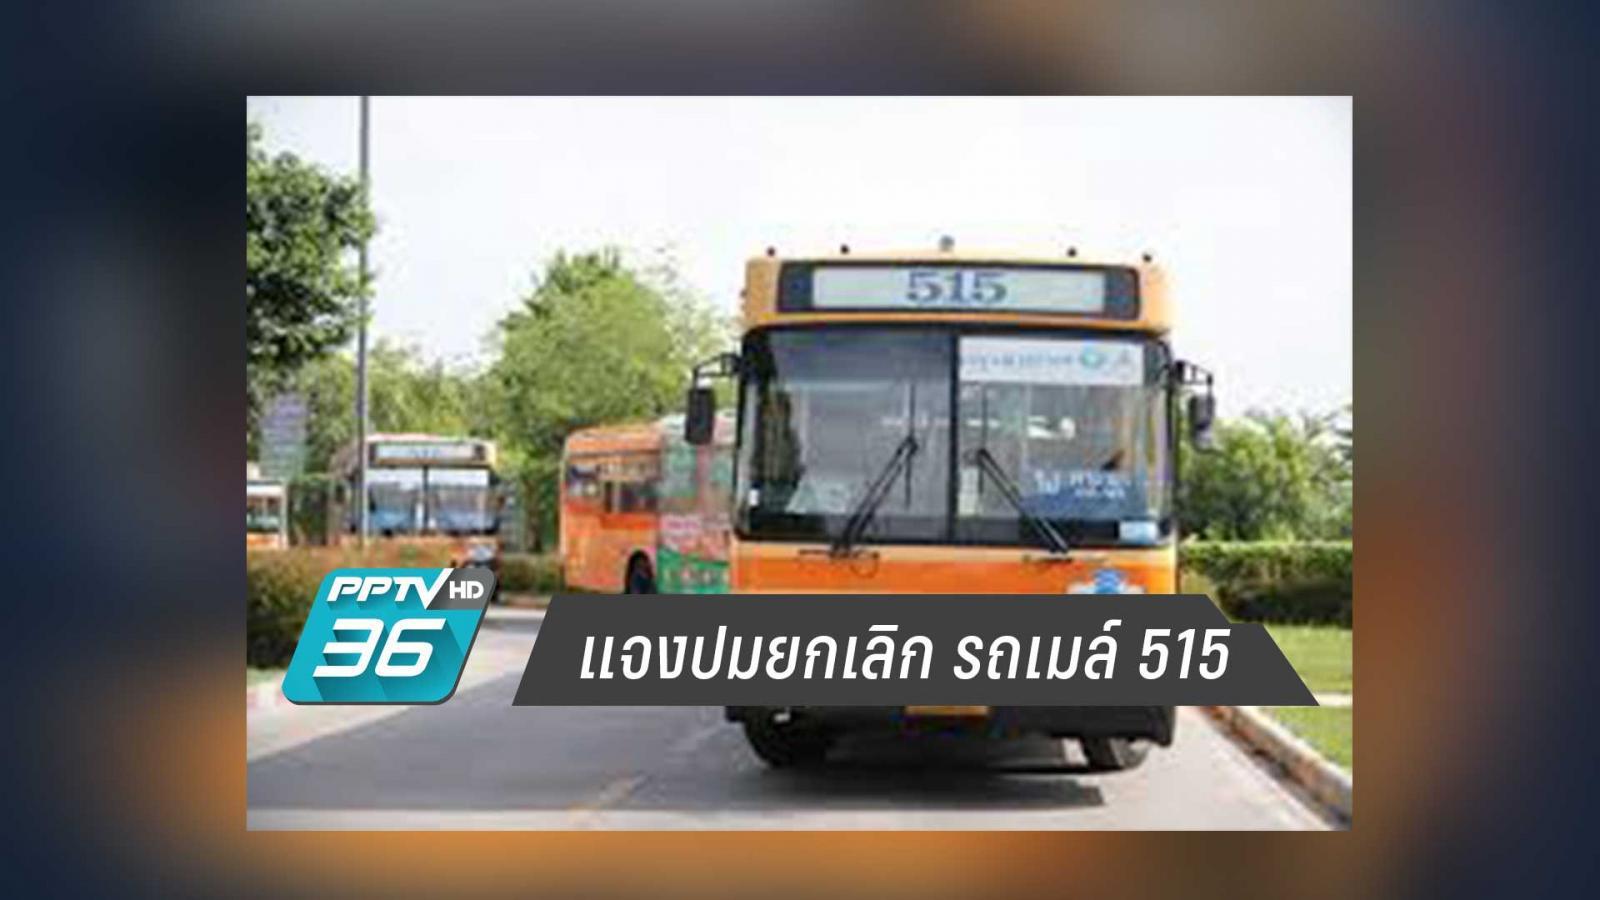 แจงปมยกเลิก รถเมล์ 515 ทางด่วน เหตุขอทดลองวิ่งโดยยังไม่ผ่านการอนุมติของ กก. ขนส่งฯ